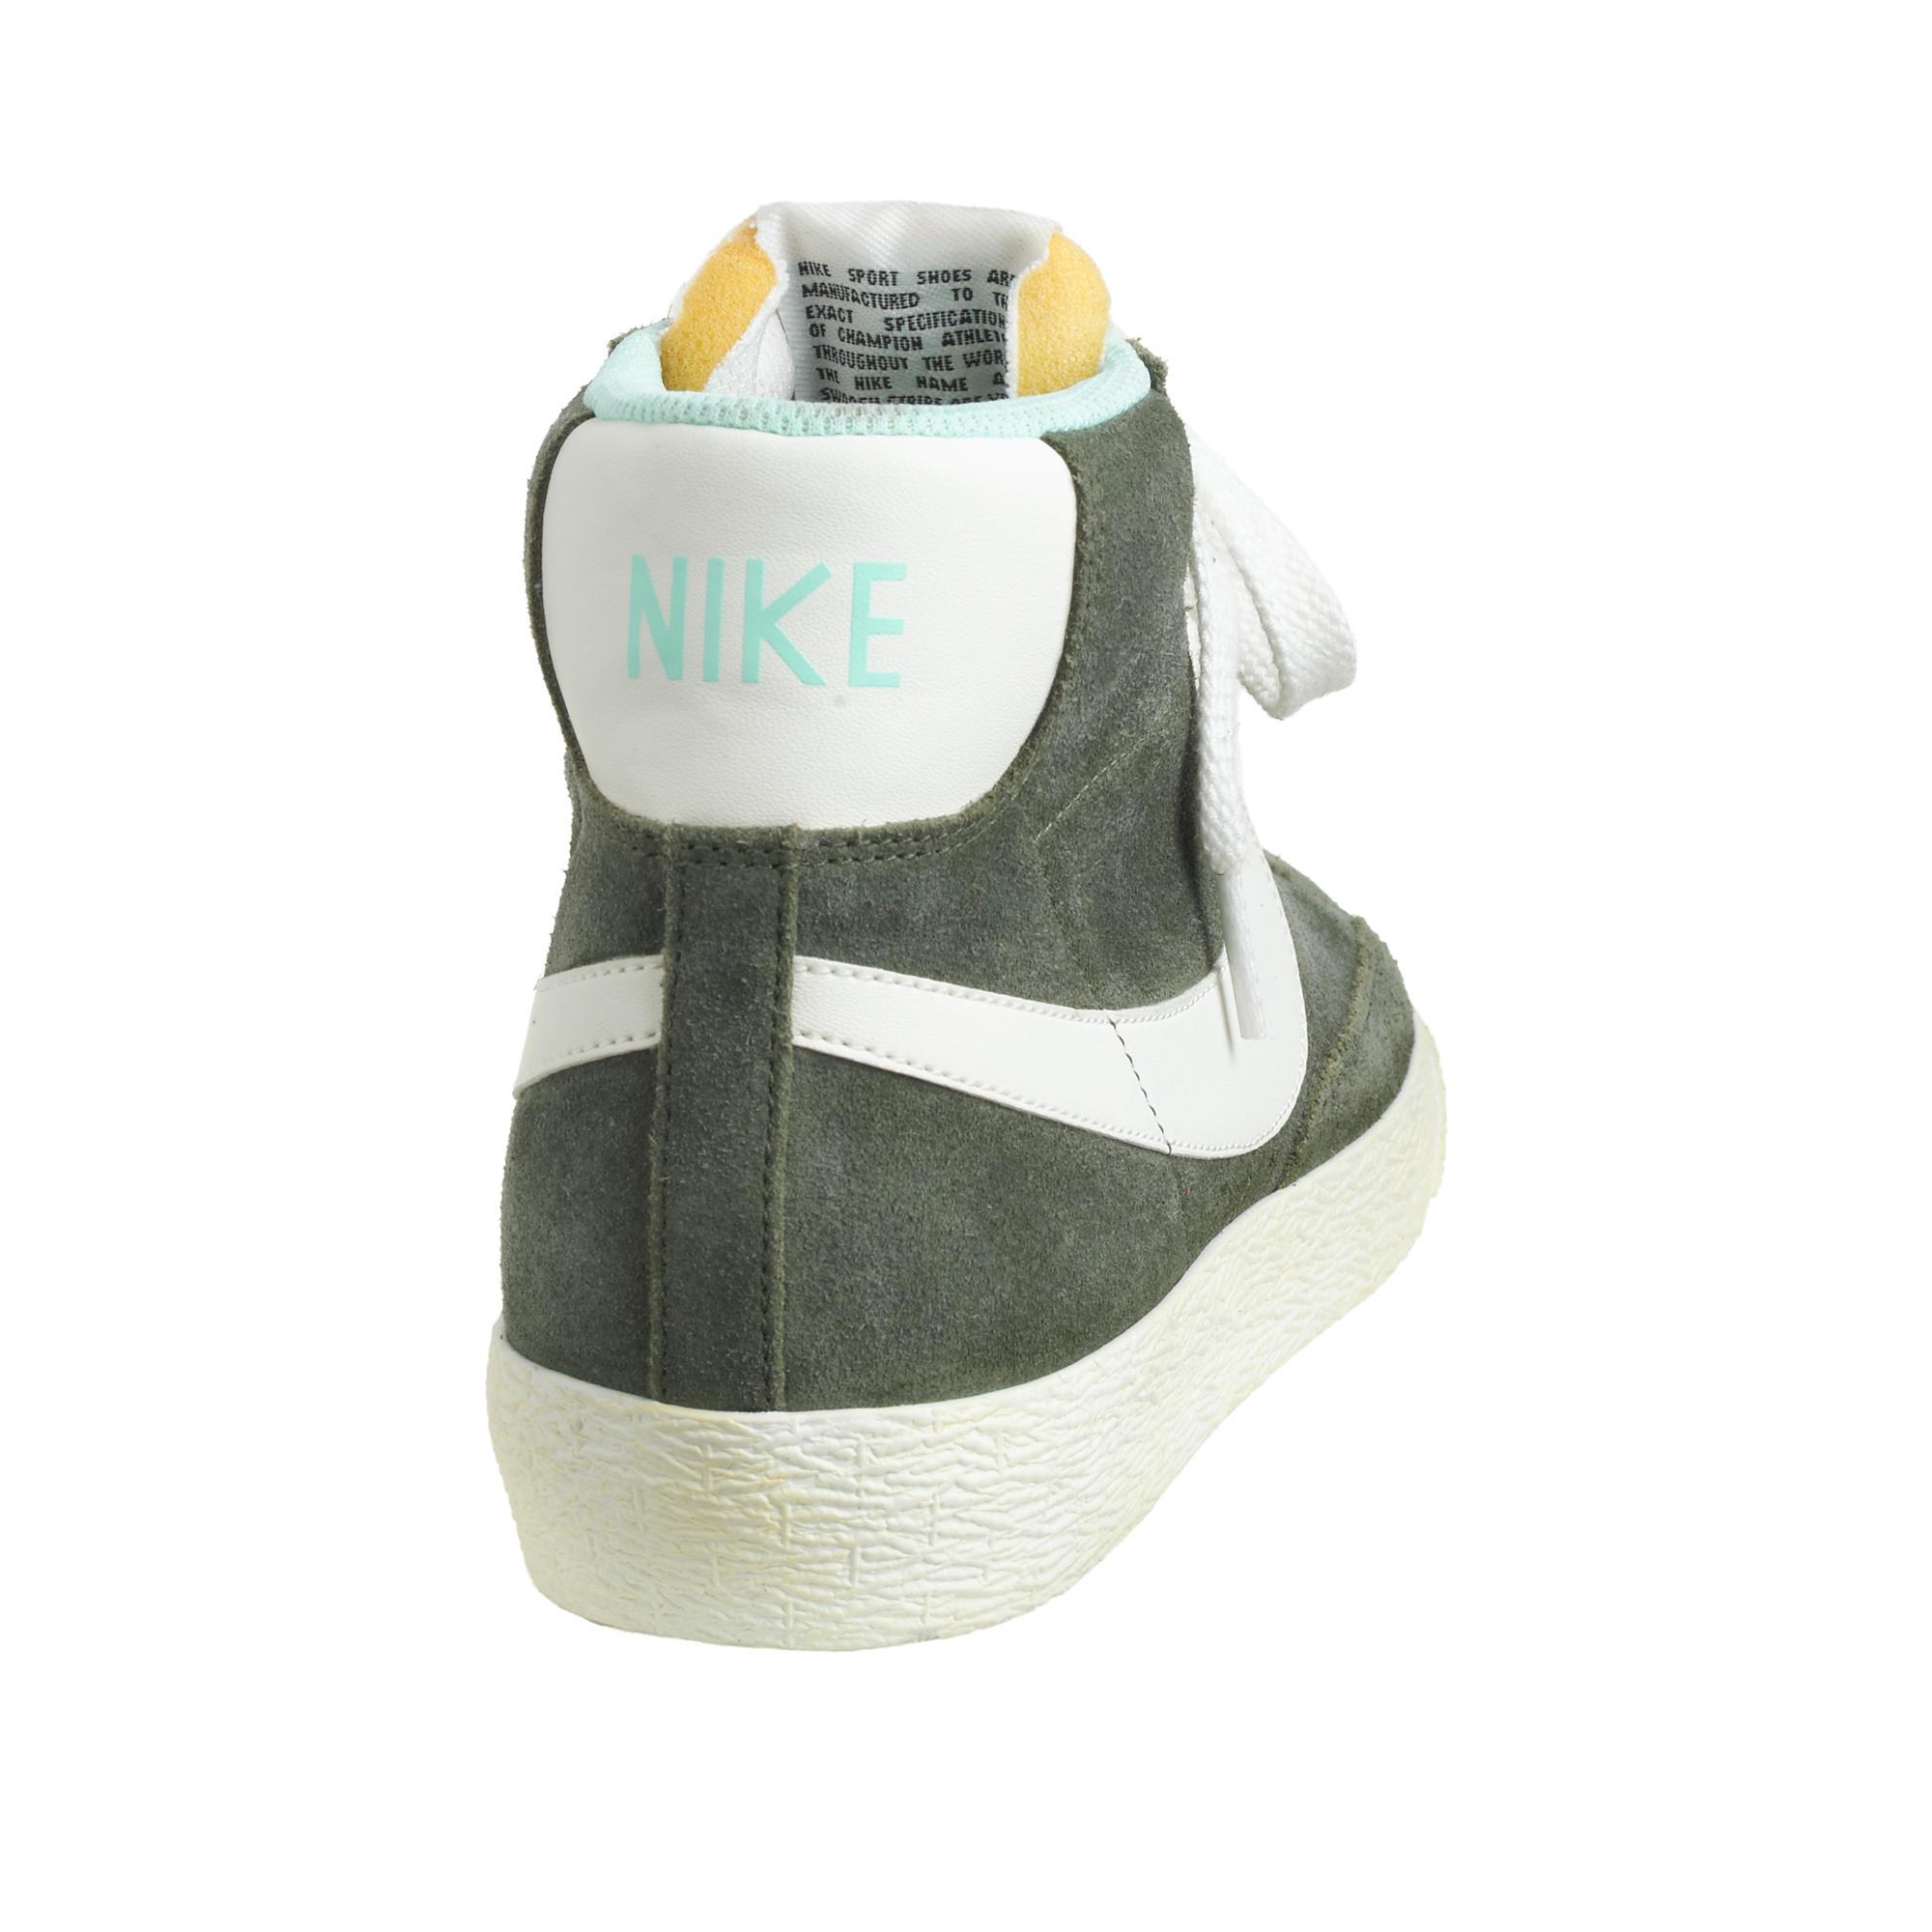 03d4da398 Lyst - J.Crew Women s Nike Suede Blazer Mid Vintage Sneakers in Green